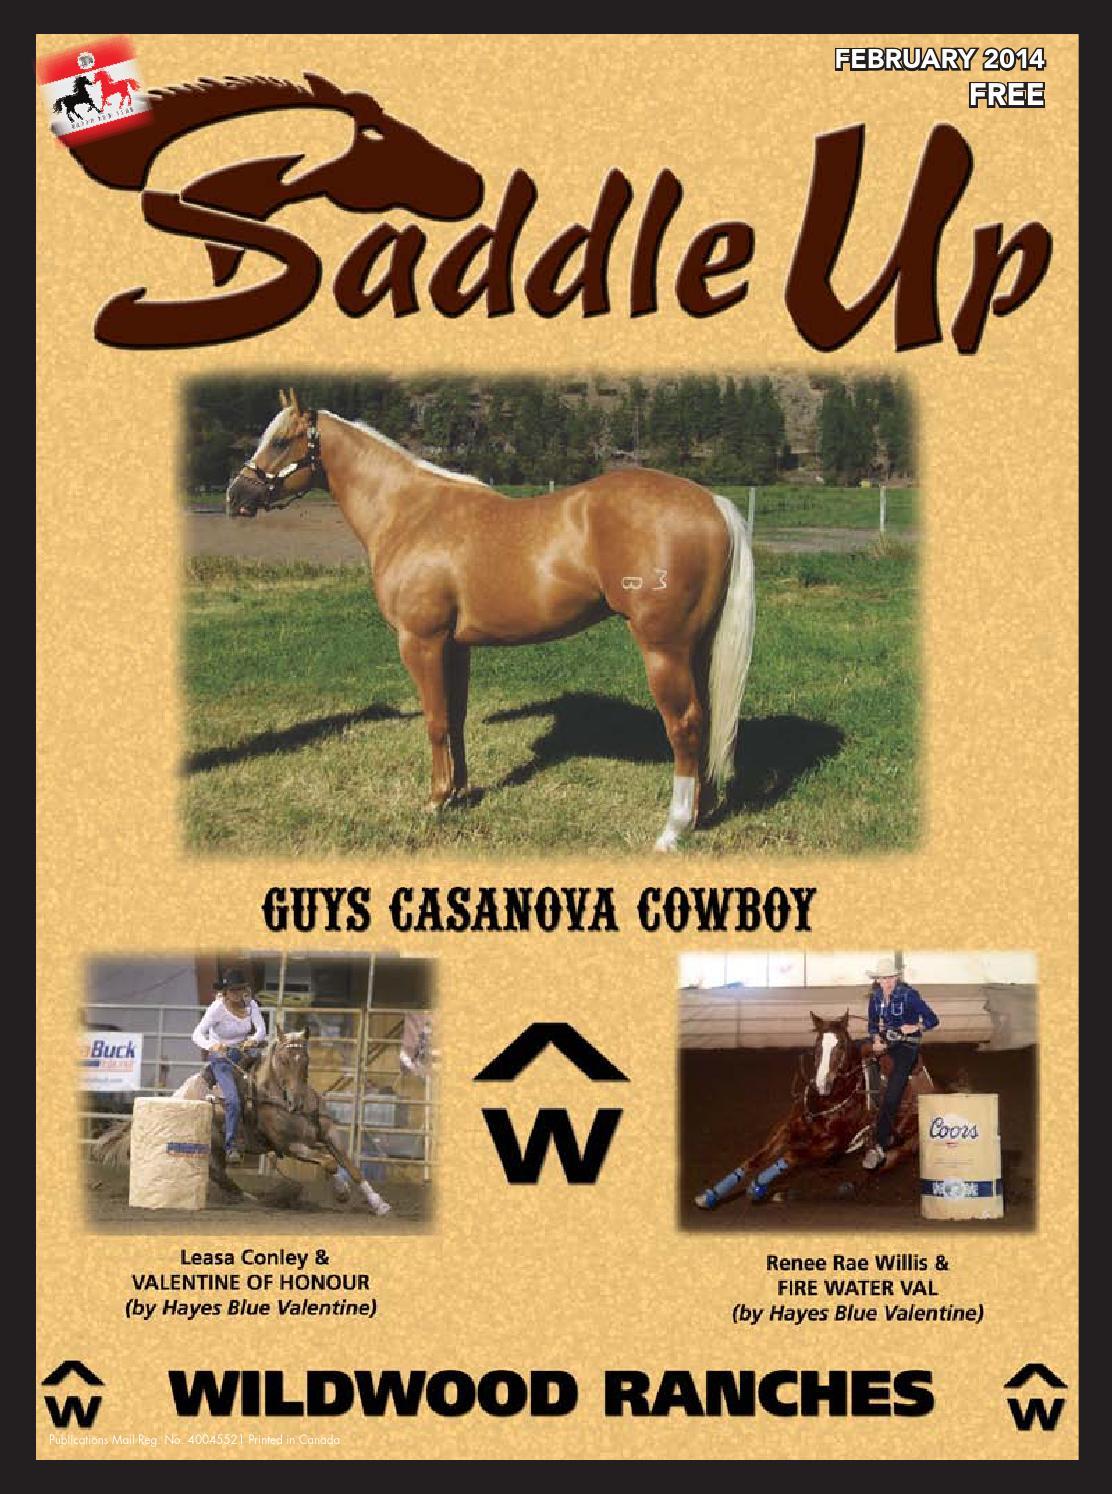 Saddle Up Feb 2014 by Saddle Up magazine - issuu